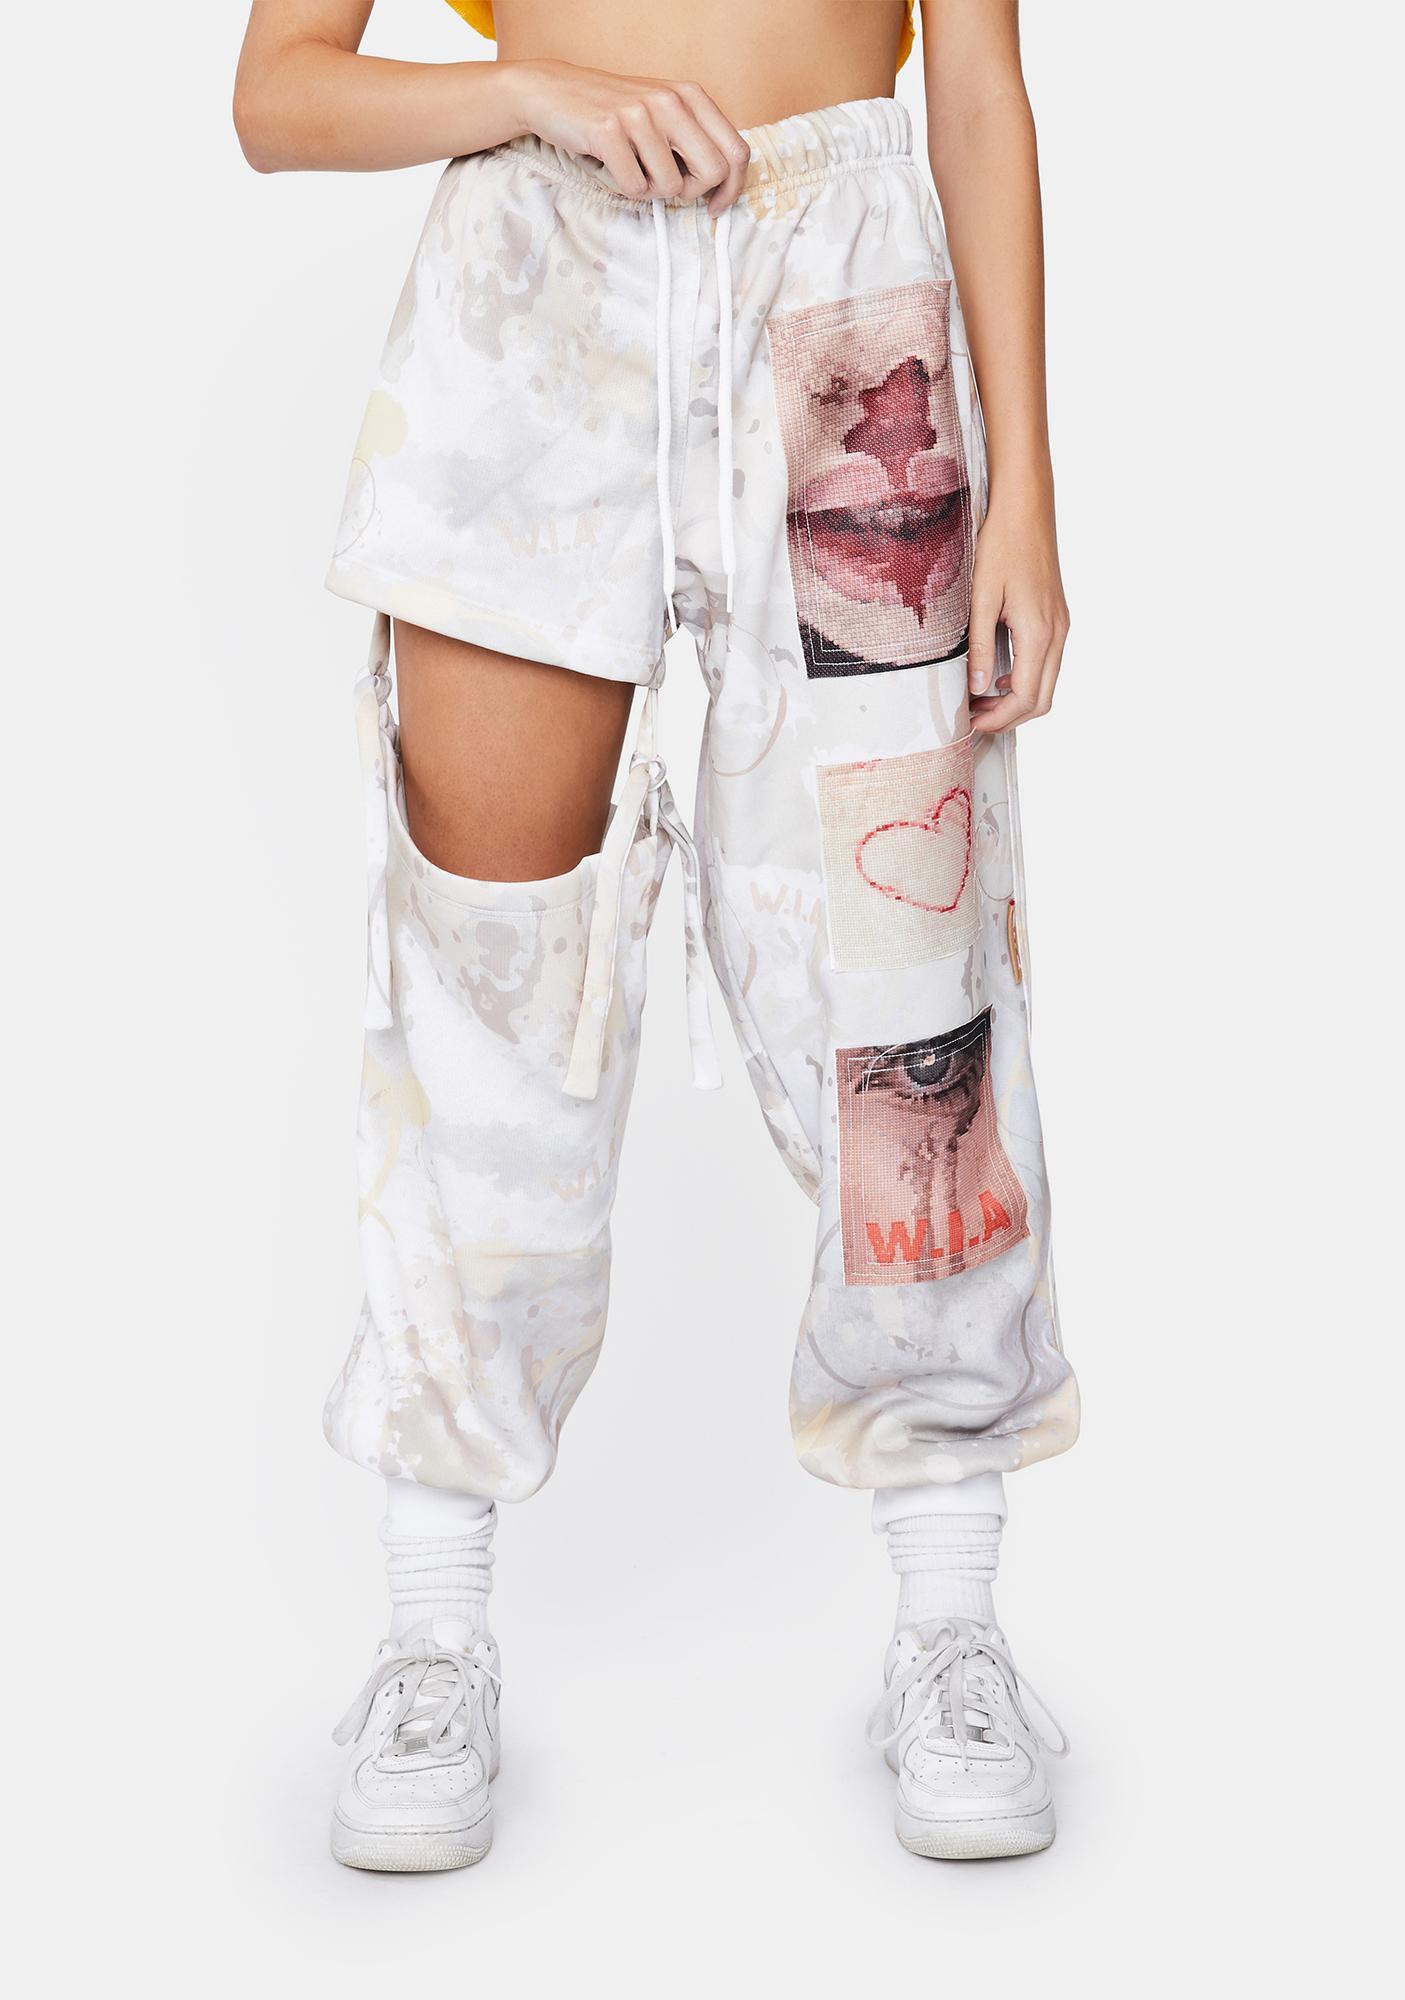 W.I.A Broke Sweatpants